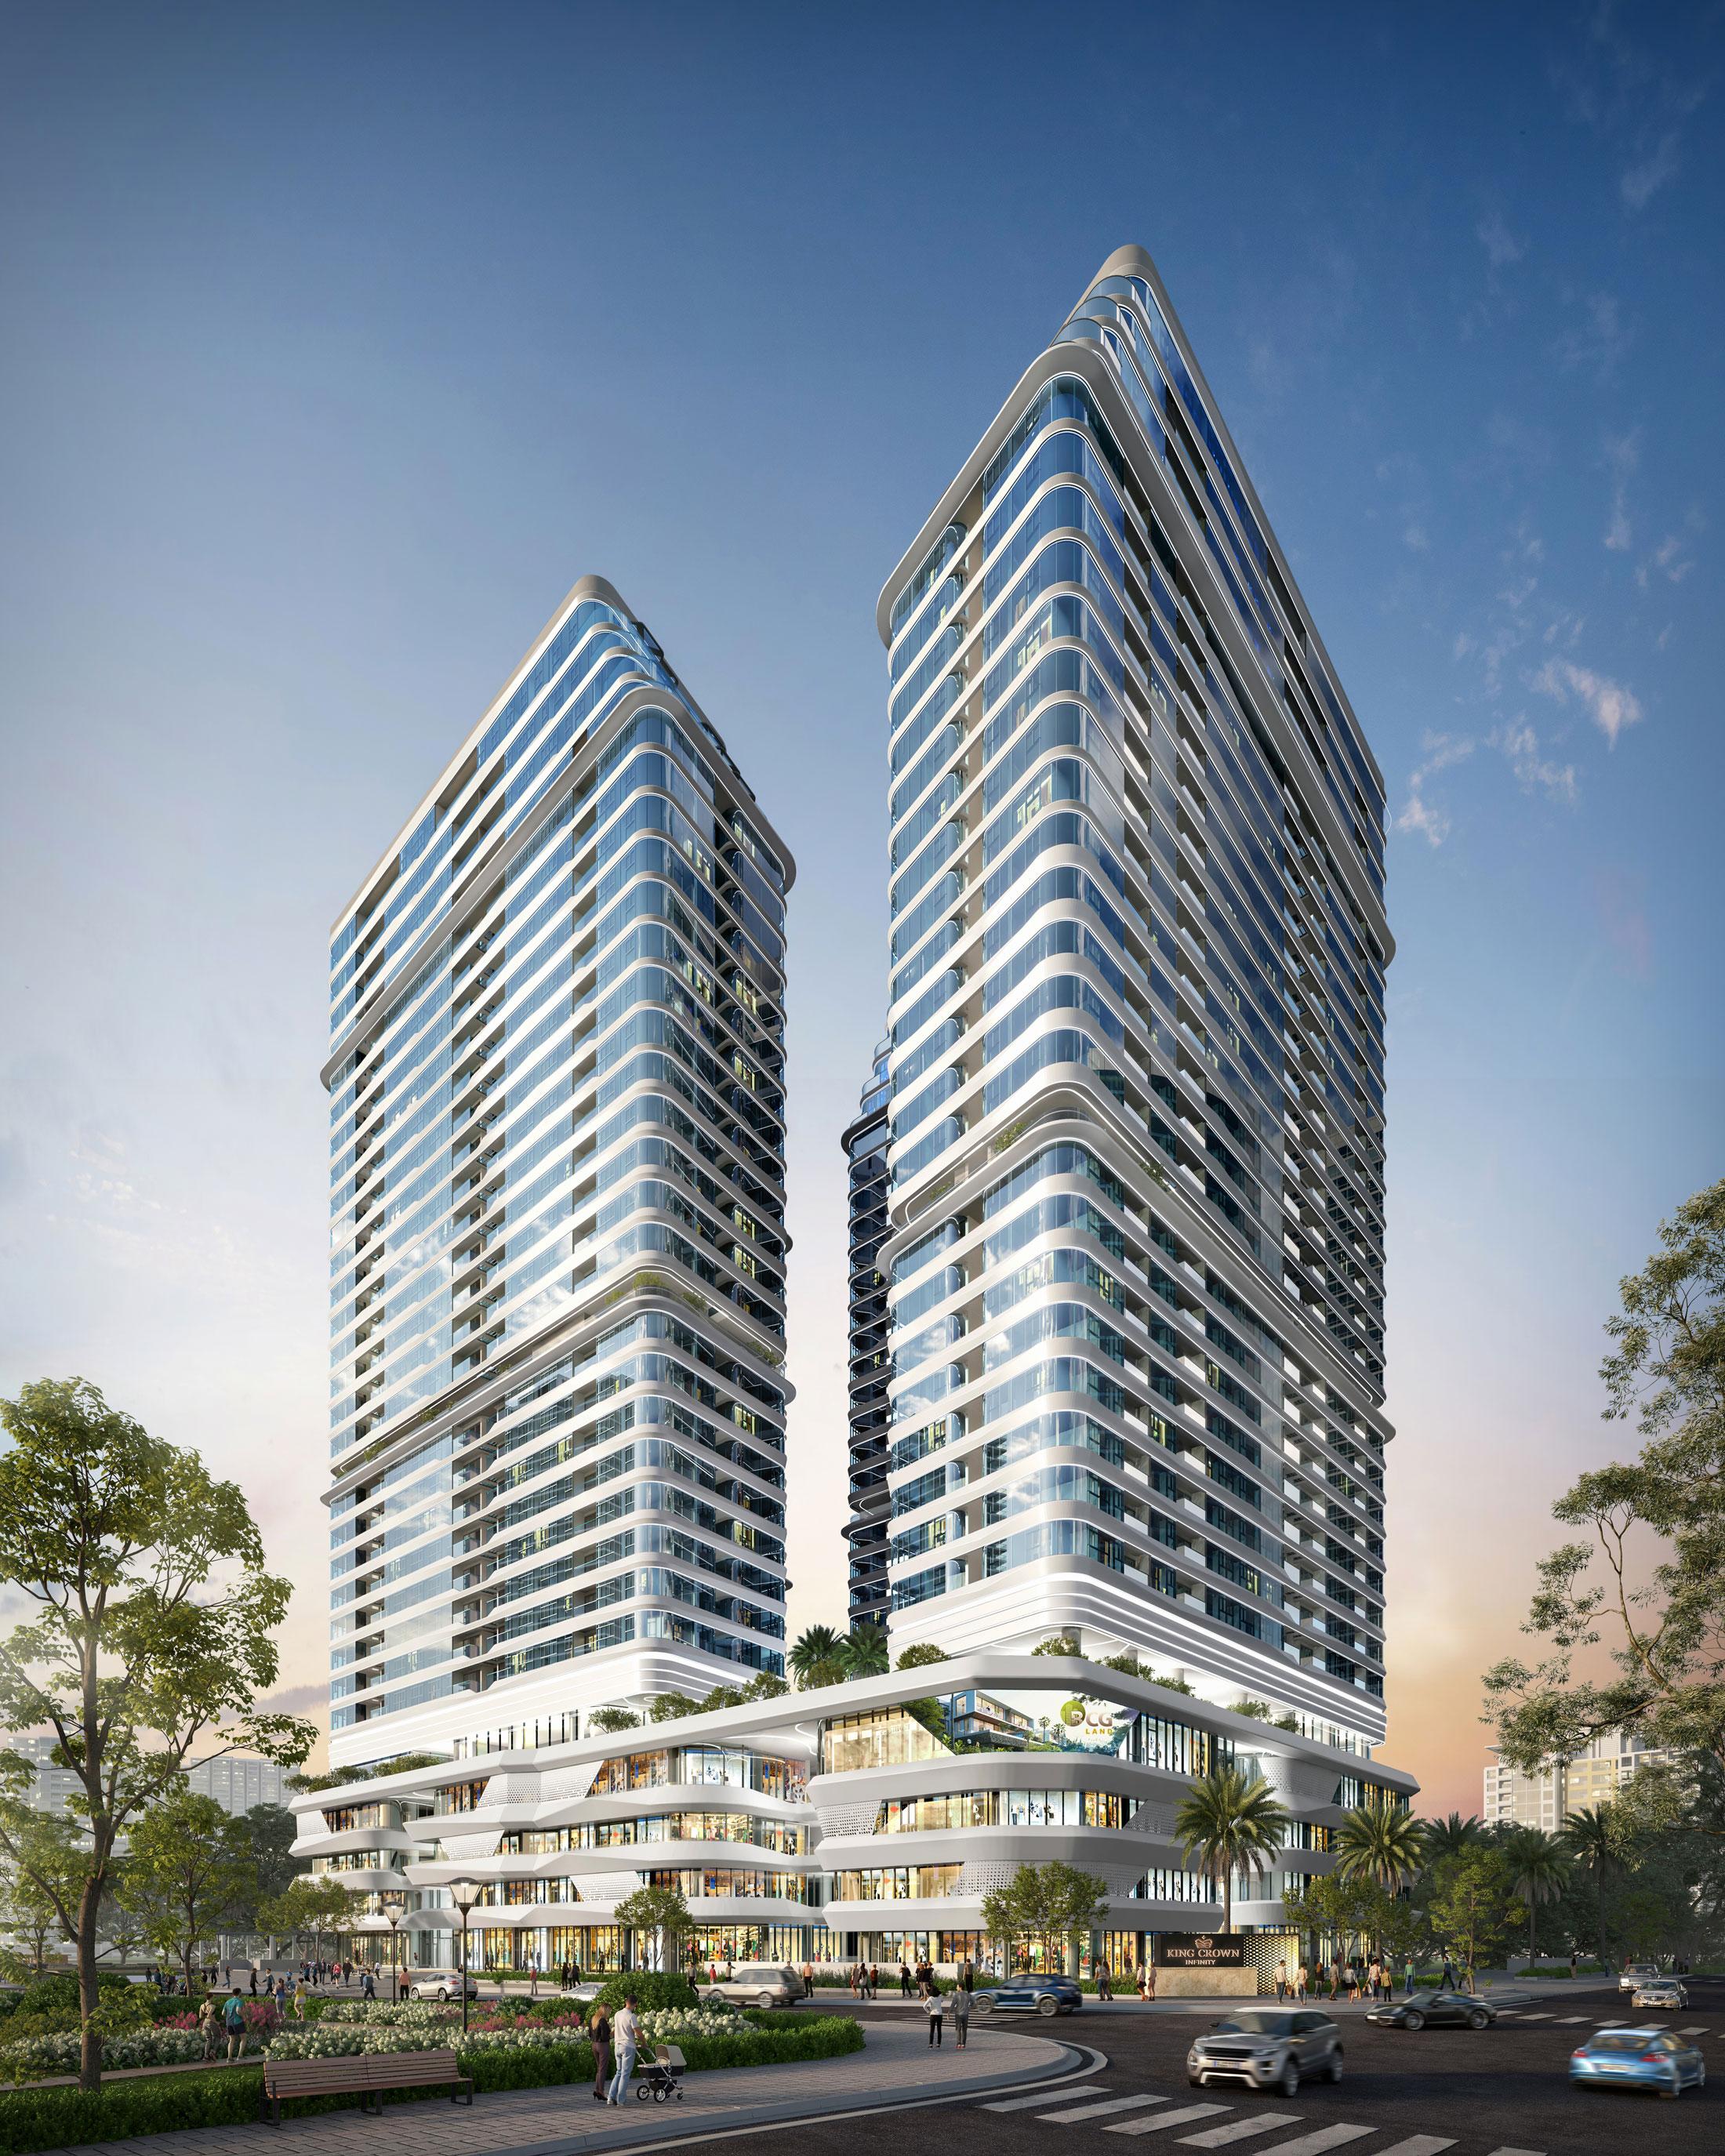 Khu phức hợp thương mại - căn hộ cao cấp King Crown Infinity đang thu hút sự chú ý của nhà đầu tư tại TP Thủ Đức. Ảnh phối cảnh: BCG Land.